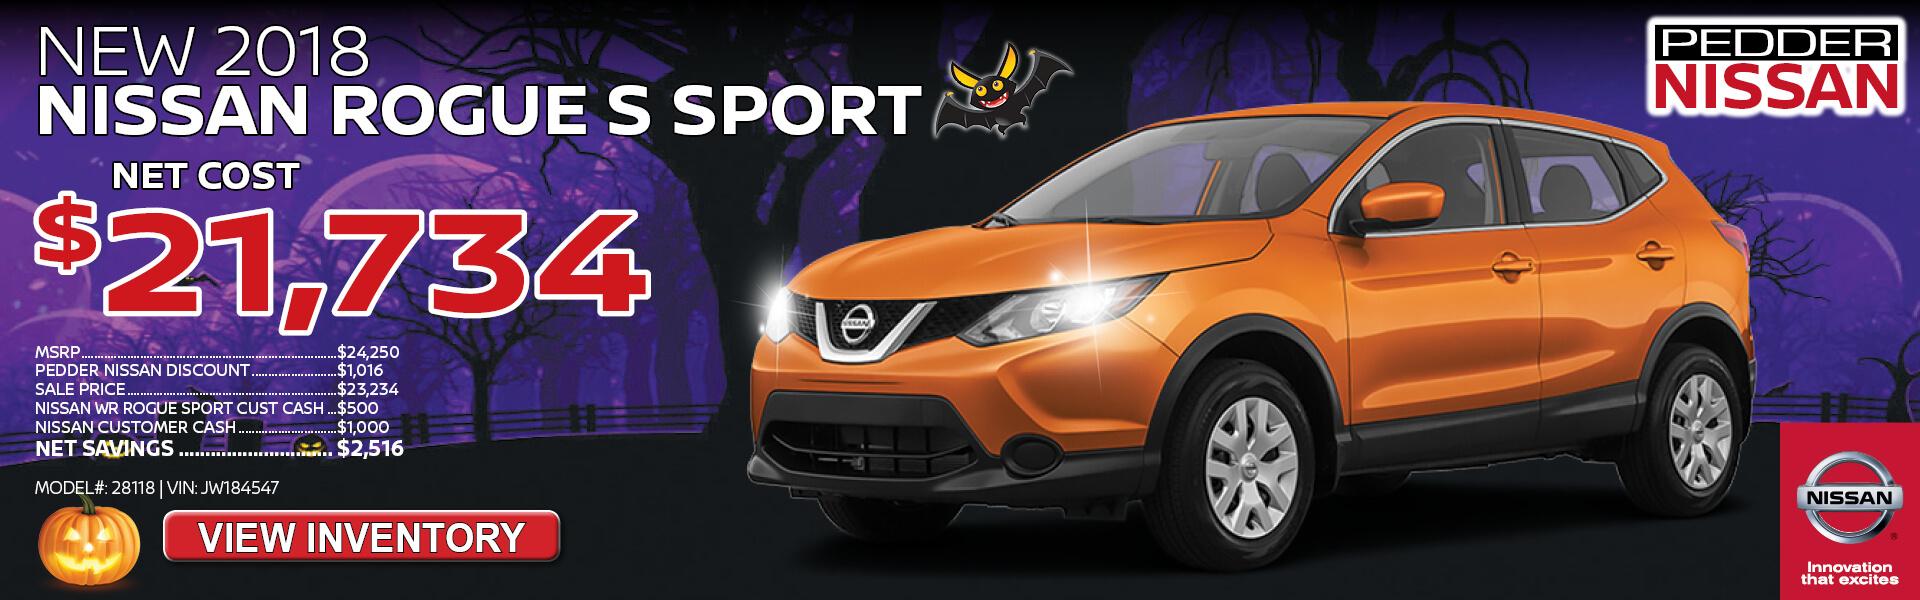 Nissan Rogue Sport $21,734